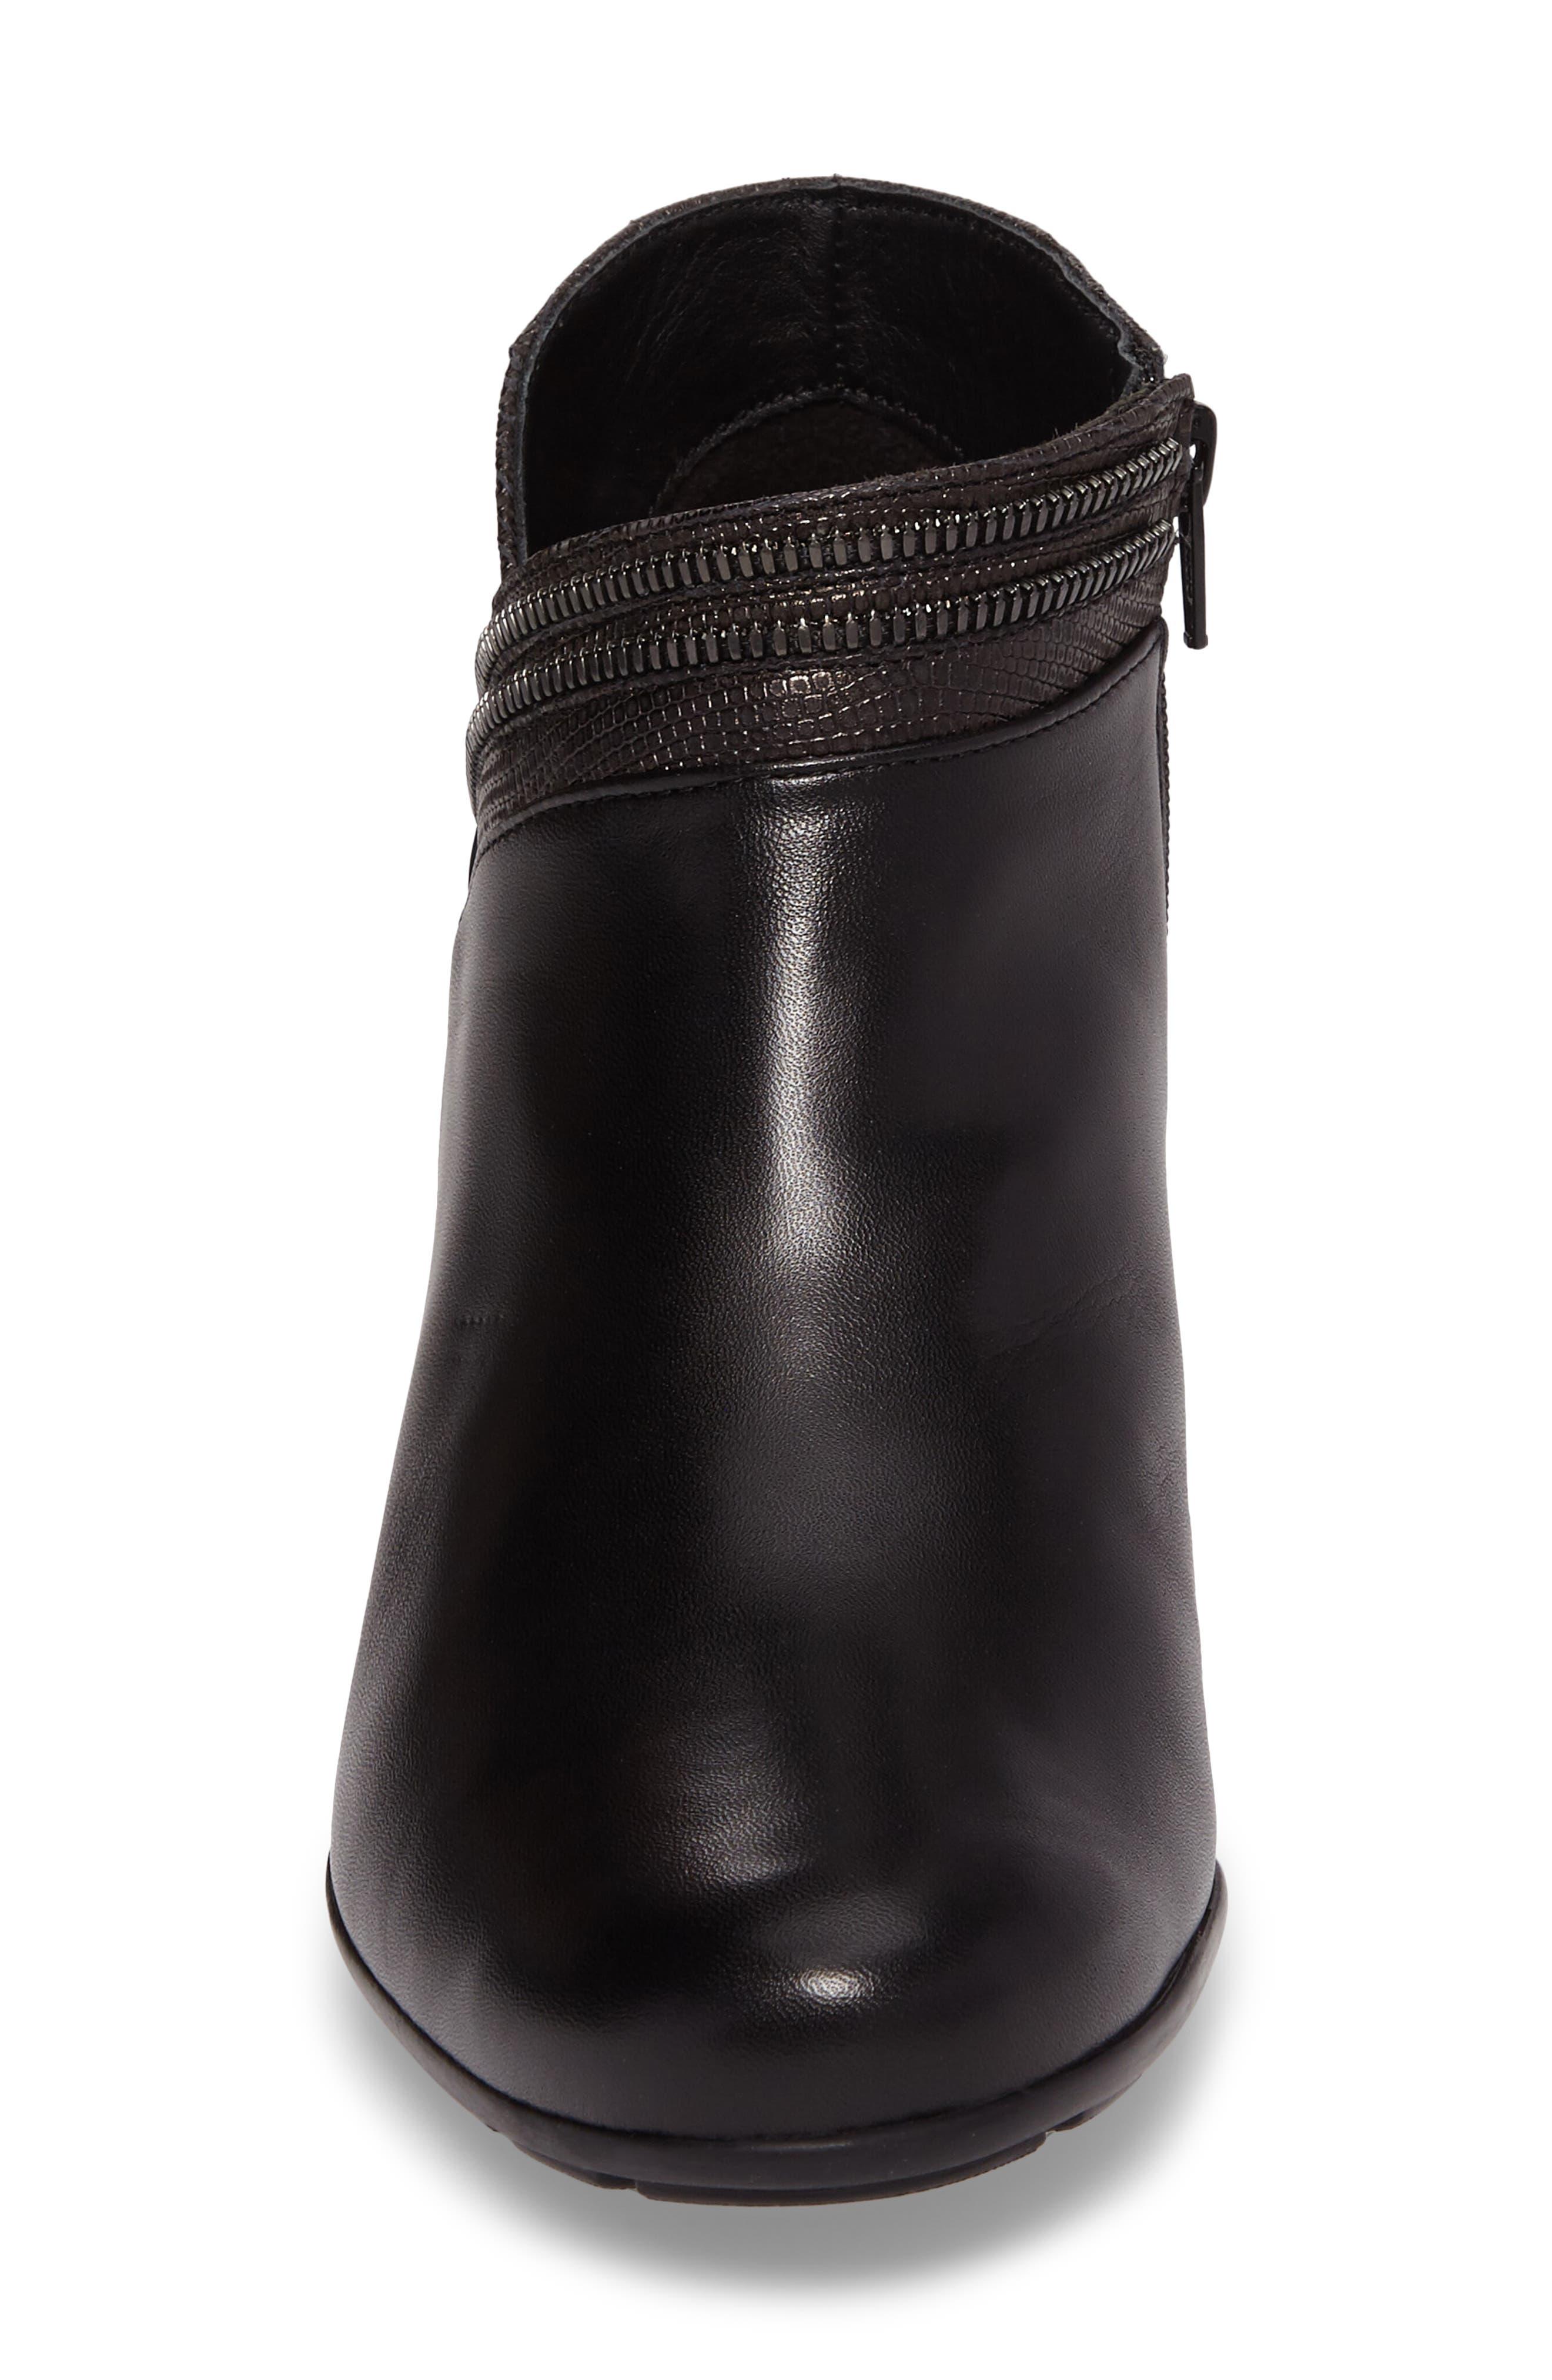 Britie Bootie,                             Alternate thumbnail 4, color,                             Black Leather